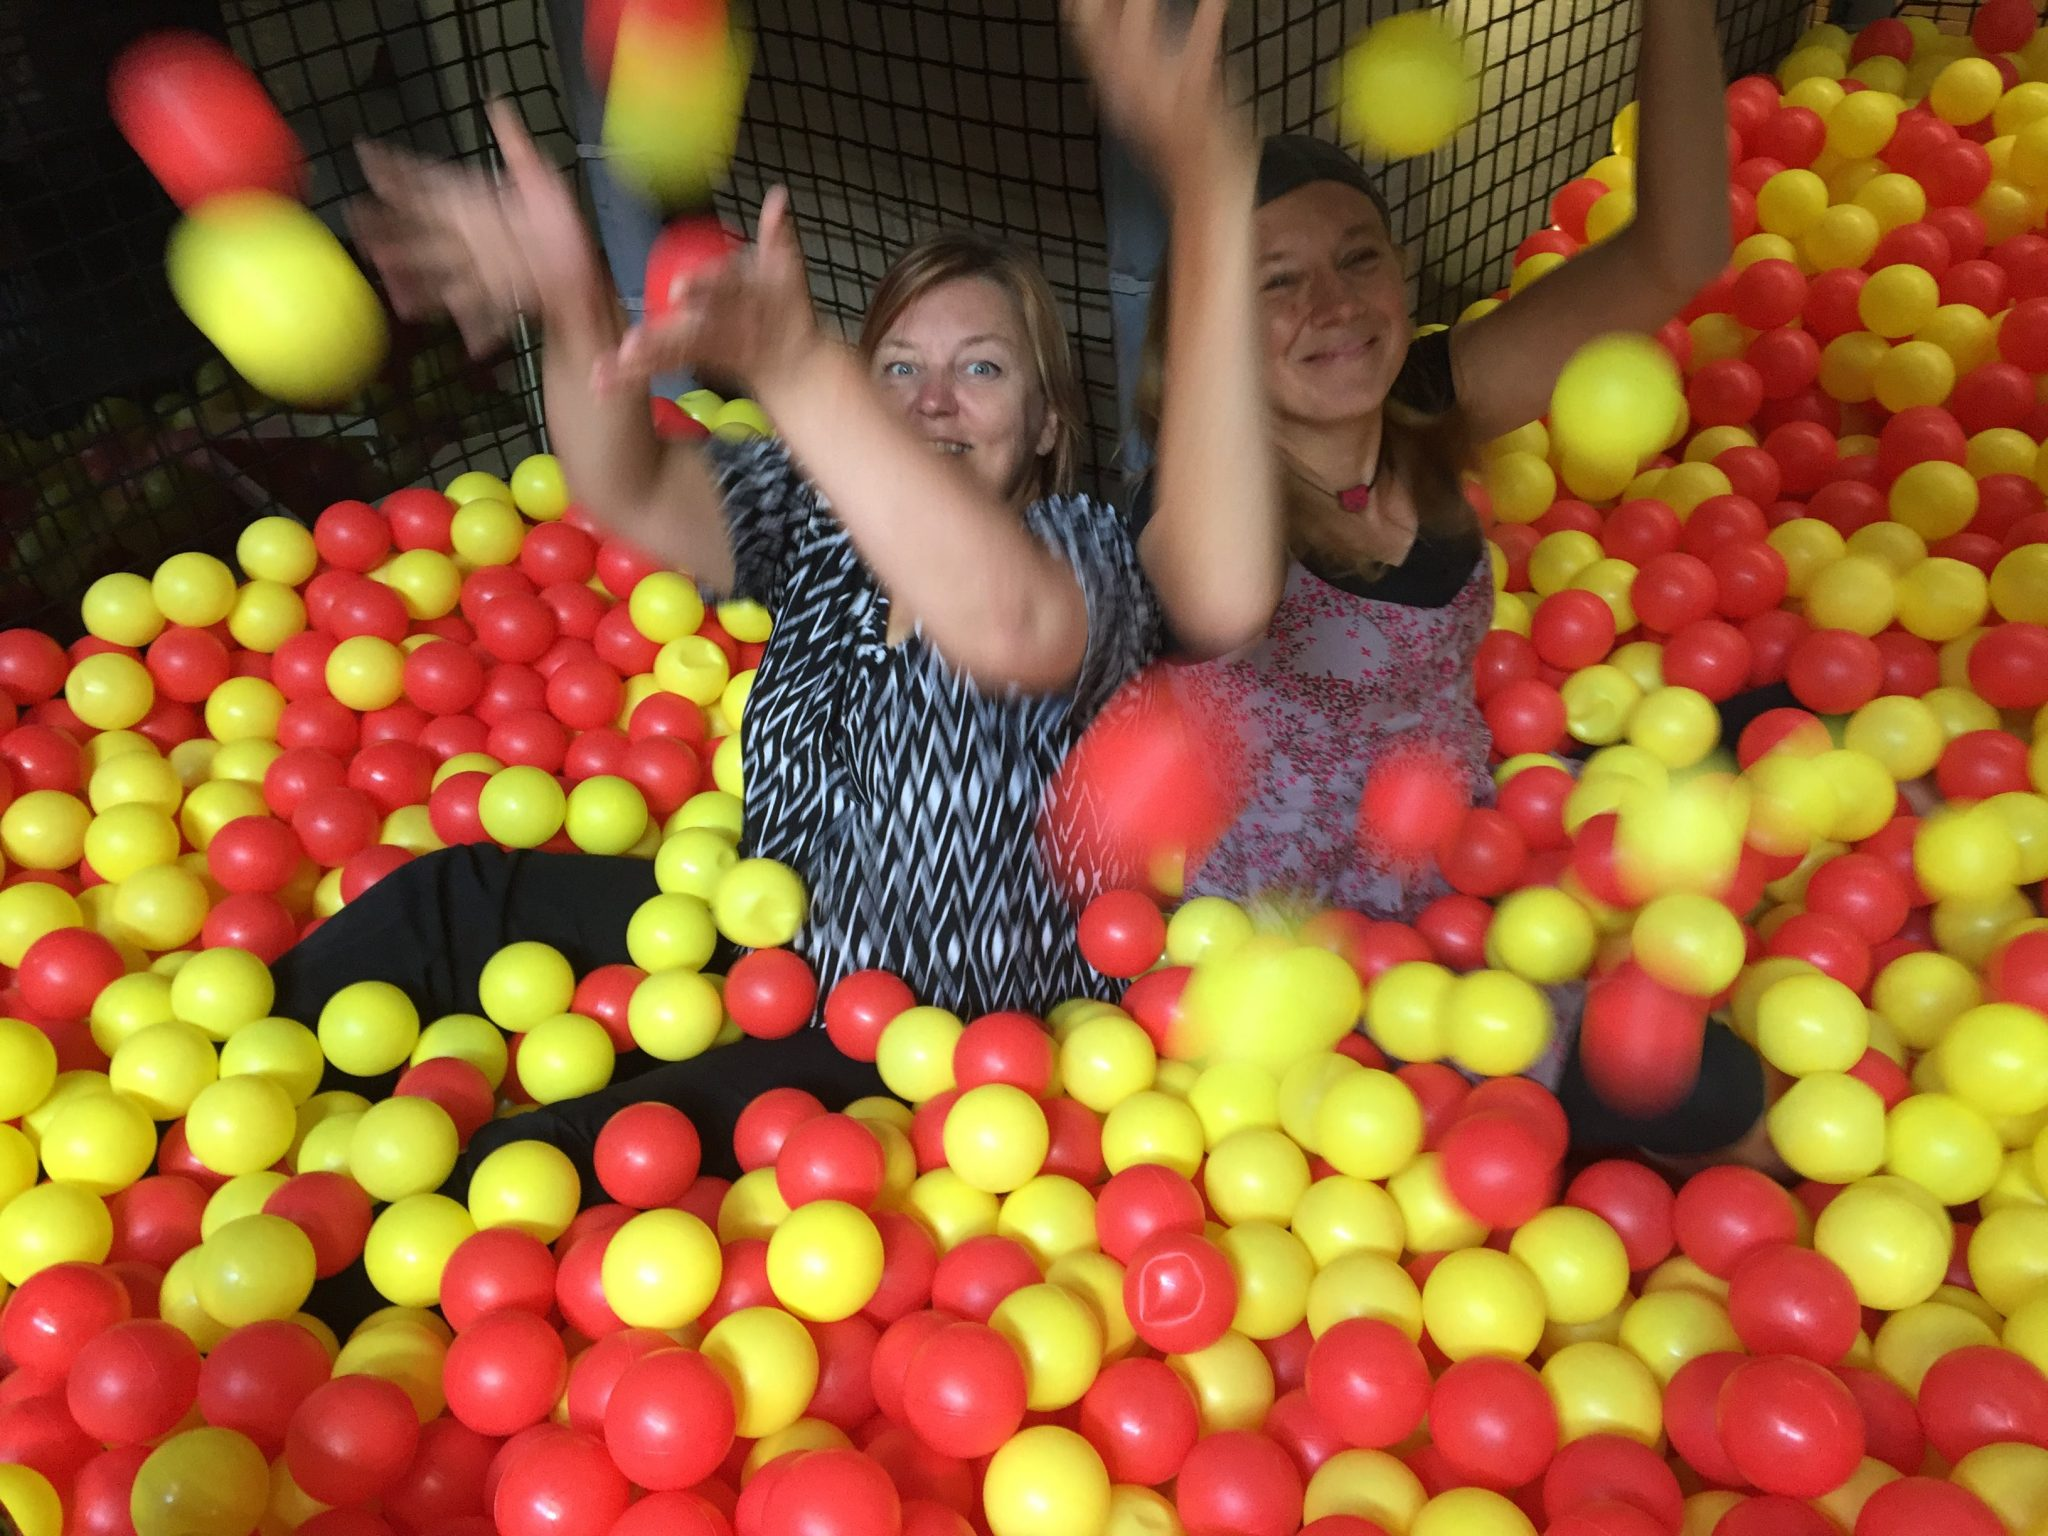 Kaksi aikuista ihmistä istuu pallomeressä, jossa on keltaisia ja punaisia palloja, ja heittää palloja ilmaan.